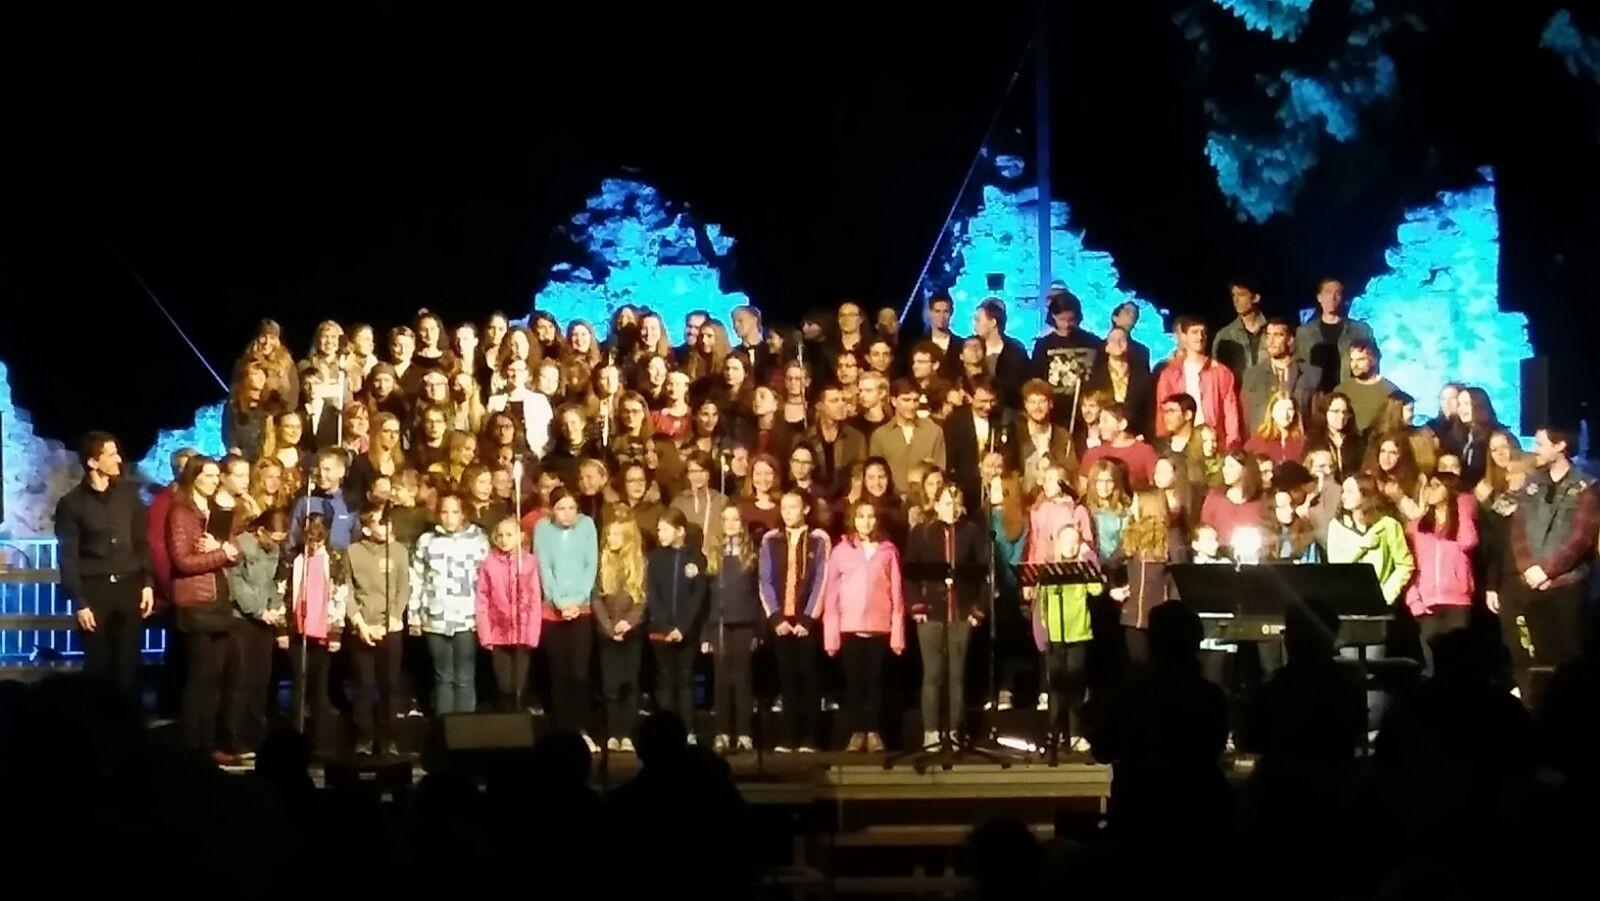 Young Voices in Concert – Das Konzert der jungen Stimmen